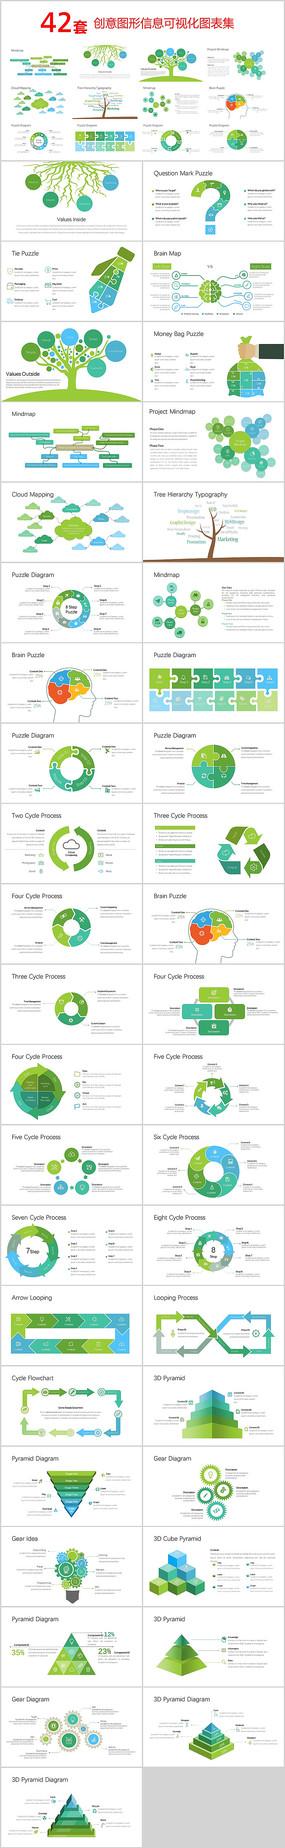 创意图形信息PPT图表 pptx